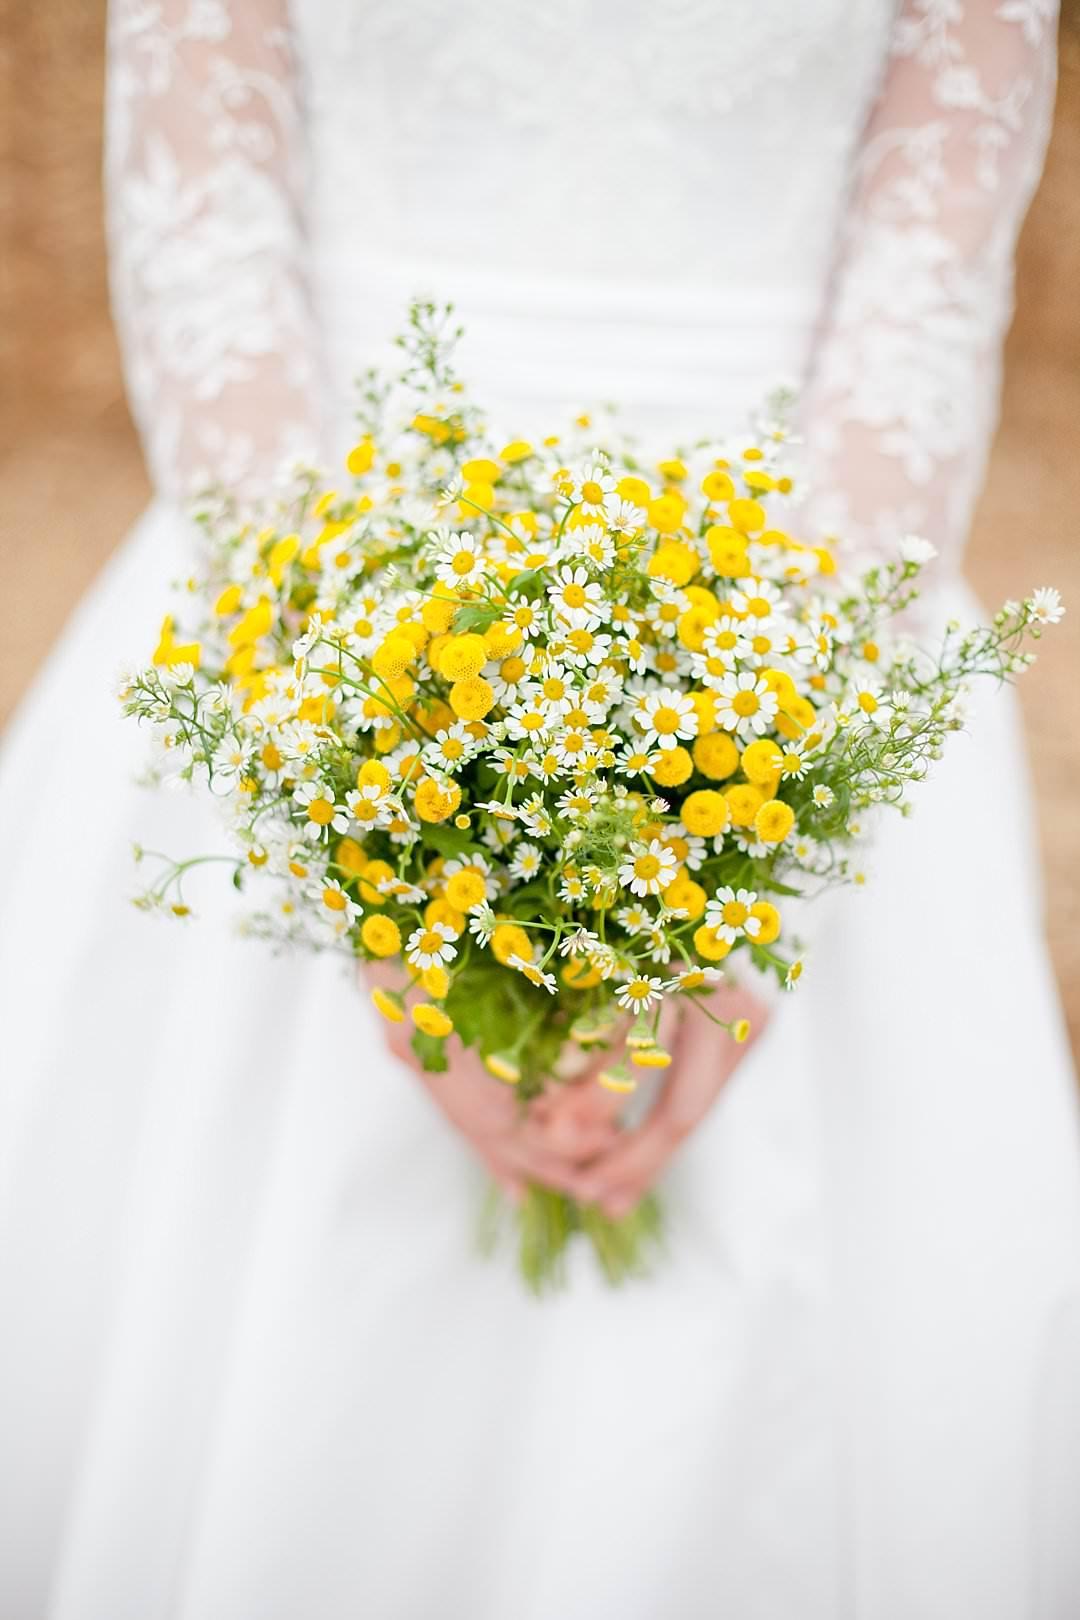 modnye-tendencii-svadebnoj-mody-22